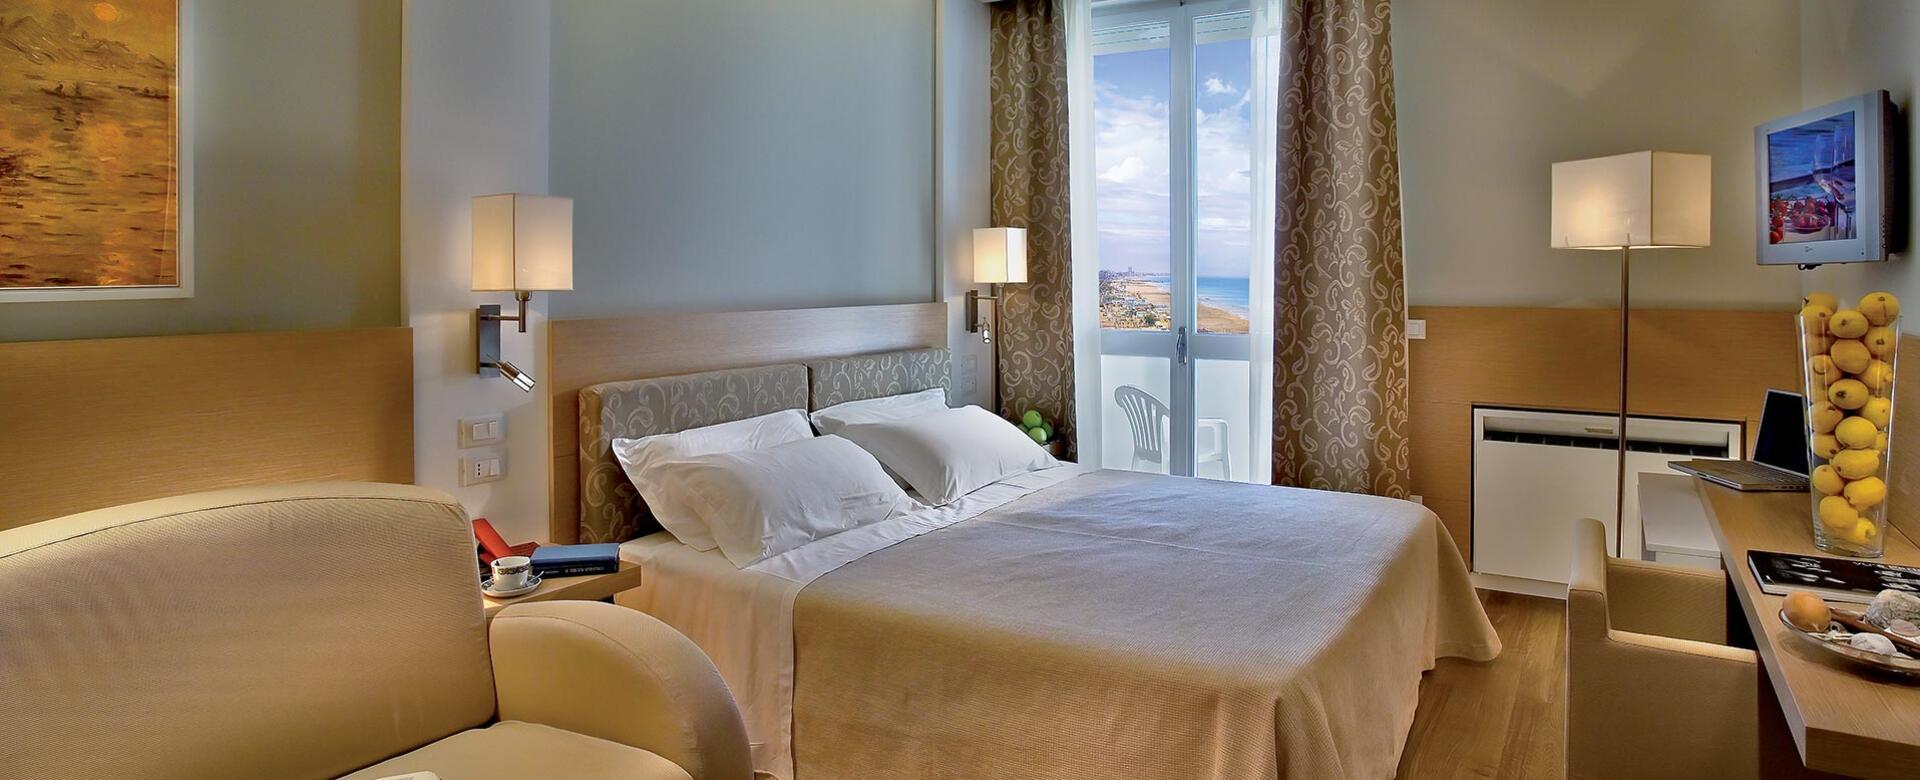 alexandraplaza it camere-hotel-riccione 003